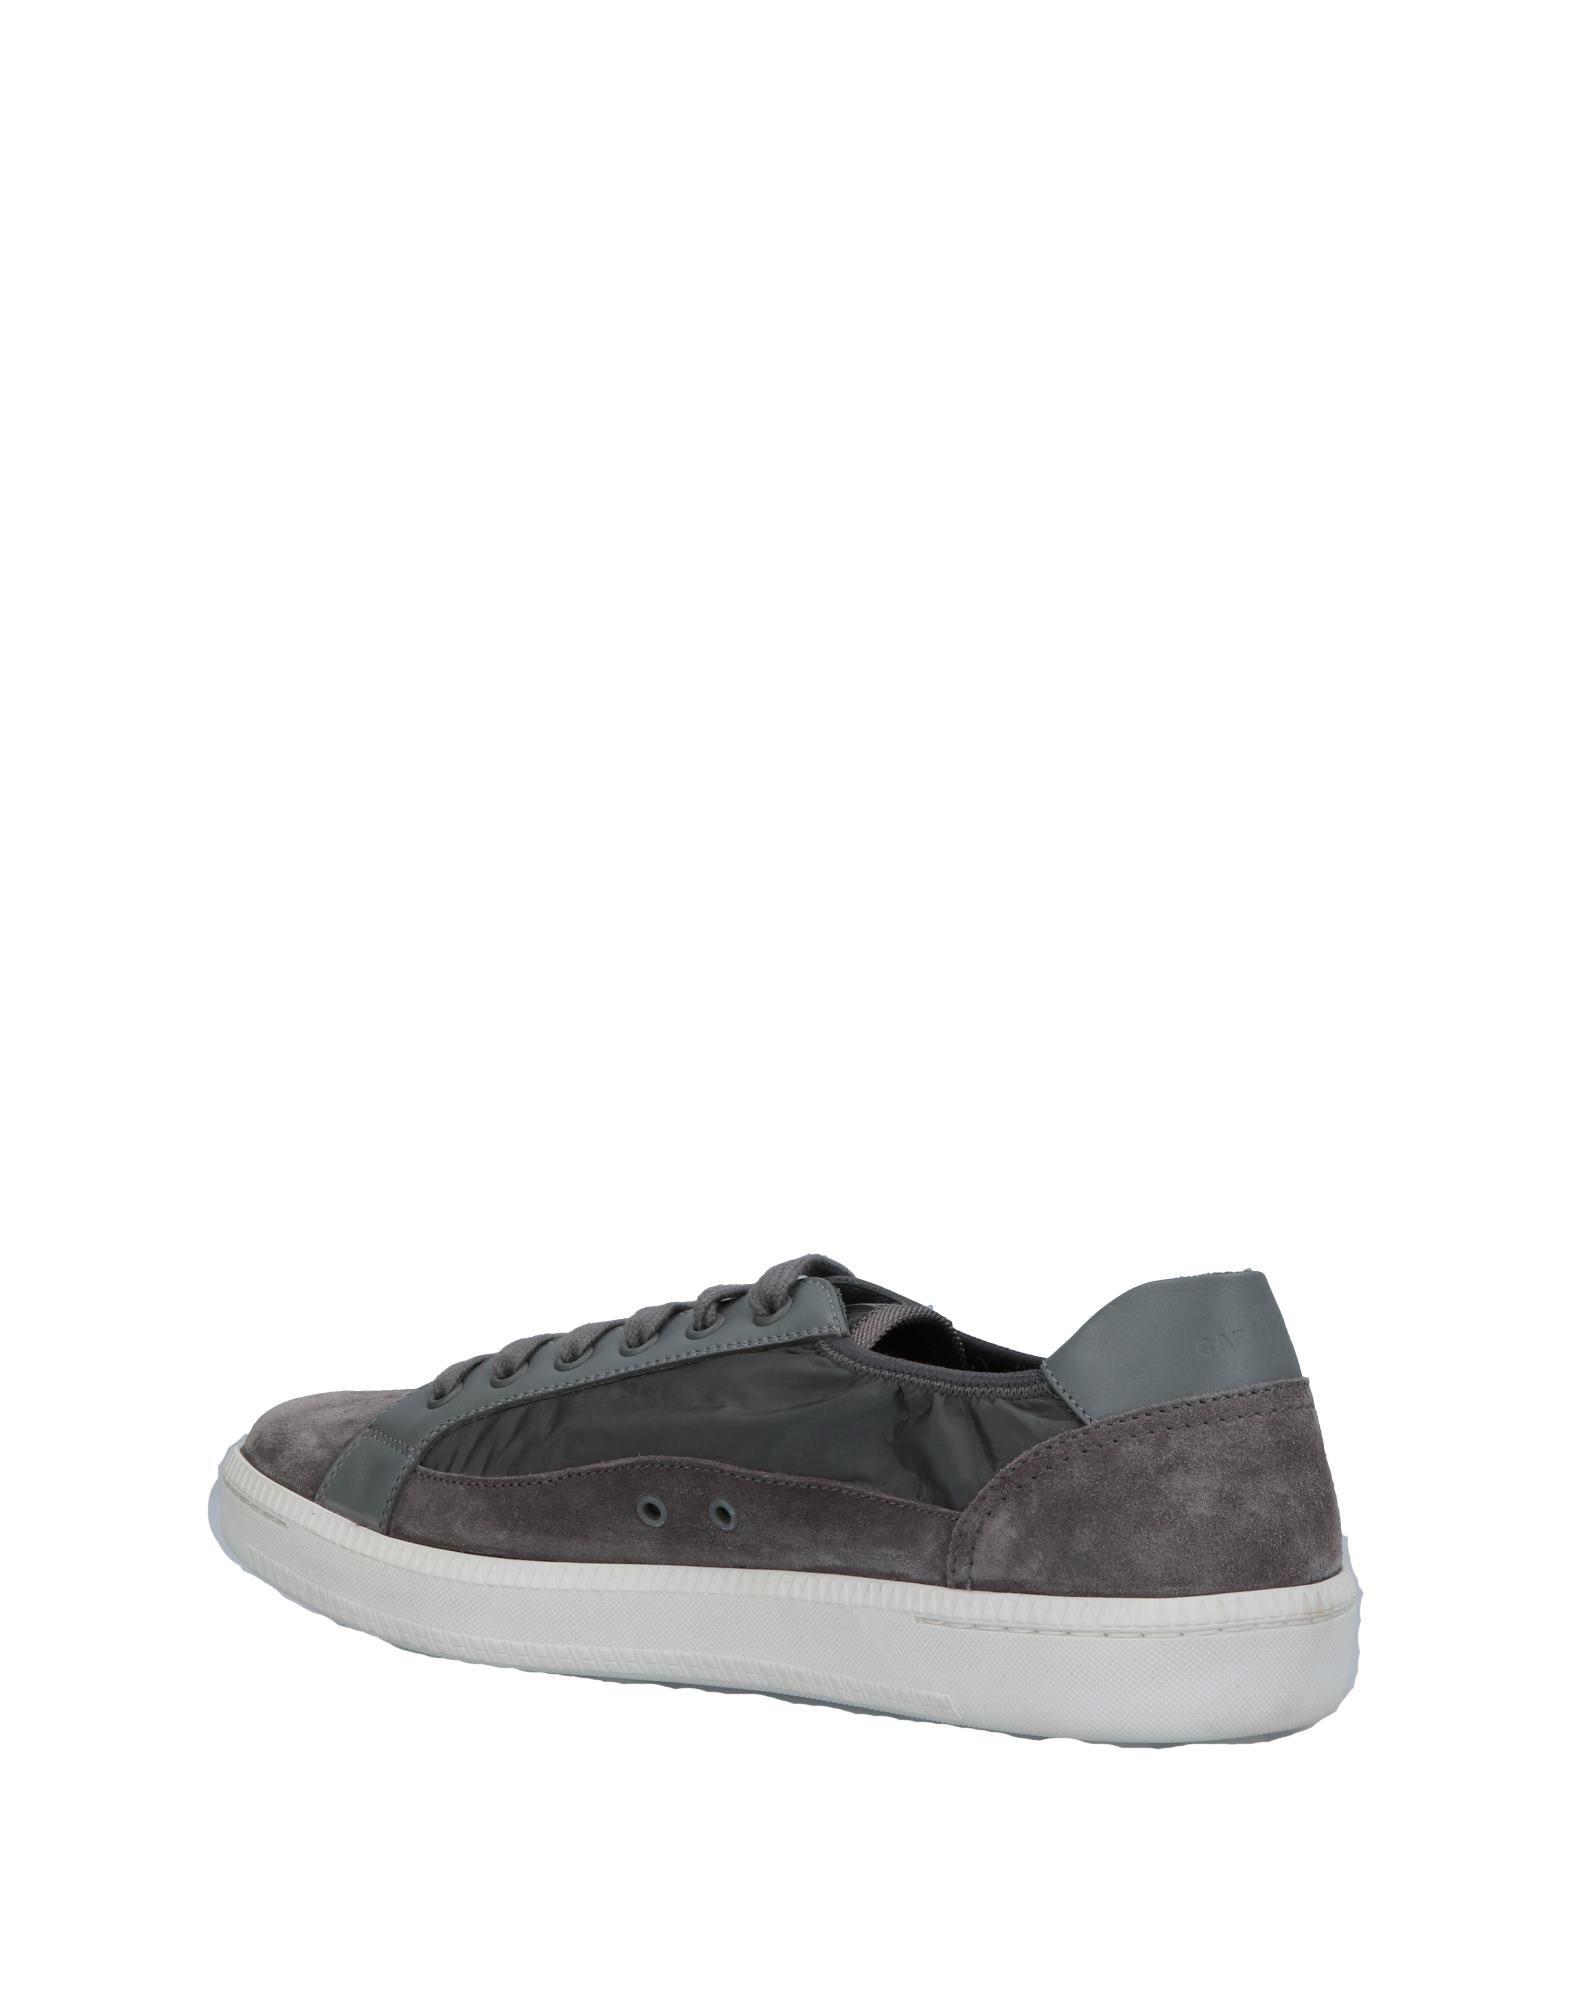 Carshoe Sneakers Herren Heiße  11367605FD Heiße Herren Schuhe b06905